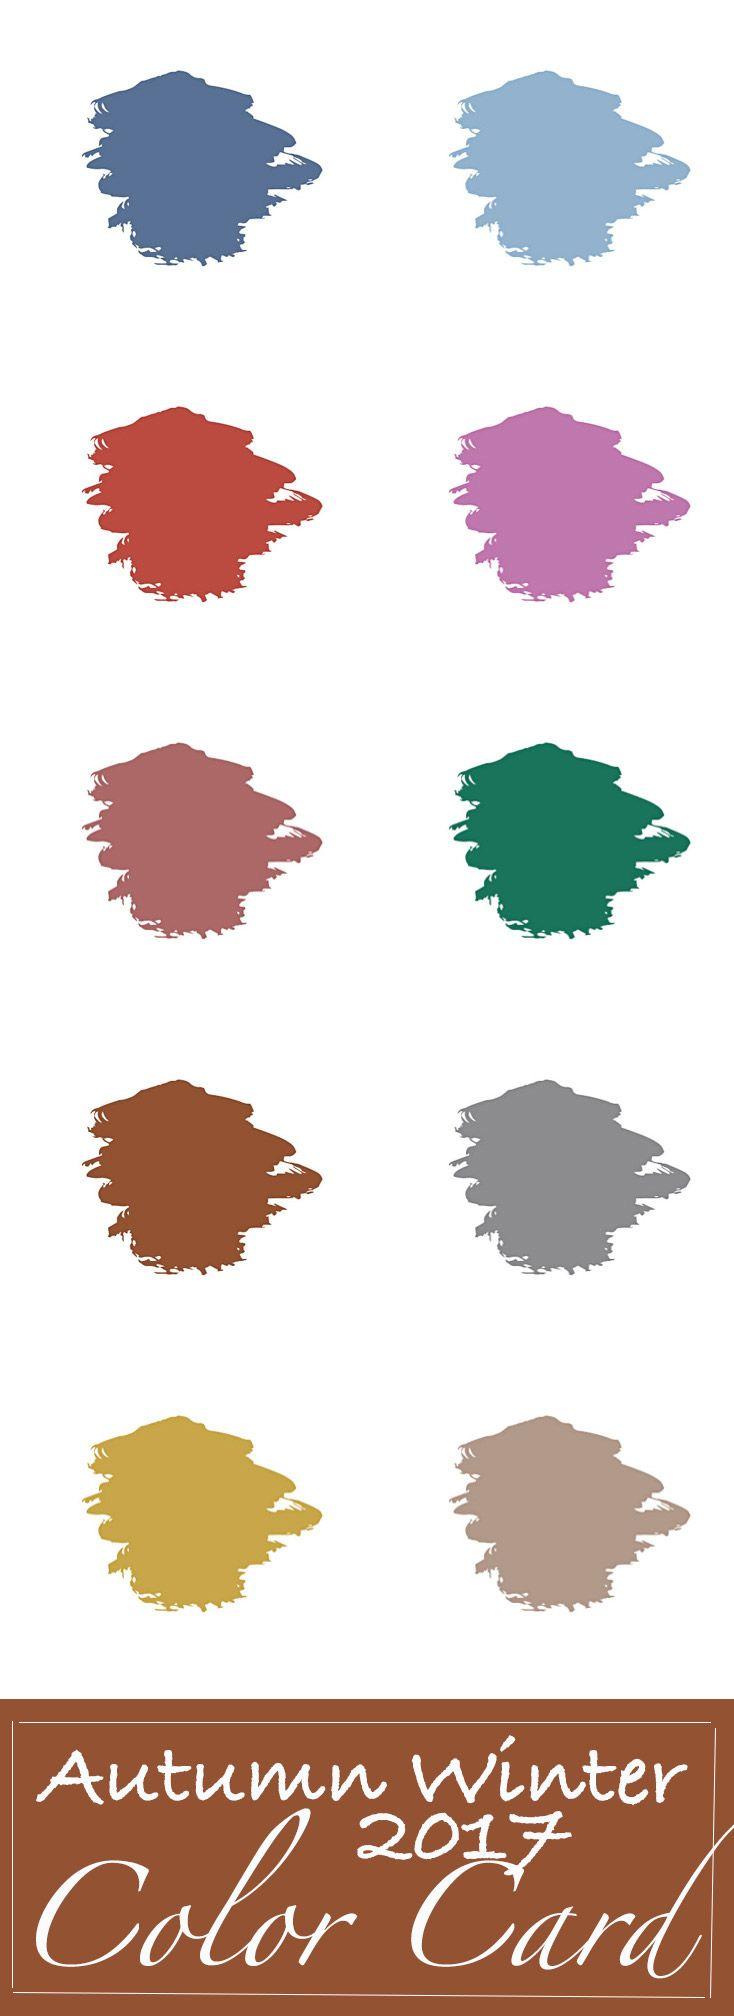 Color card Autumn Winter 2017 download direct de gratis colorcard | Trendbubbles.nl